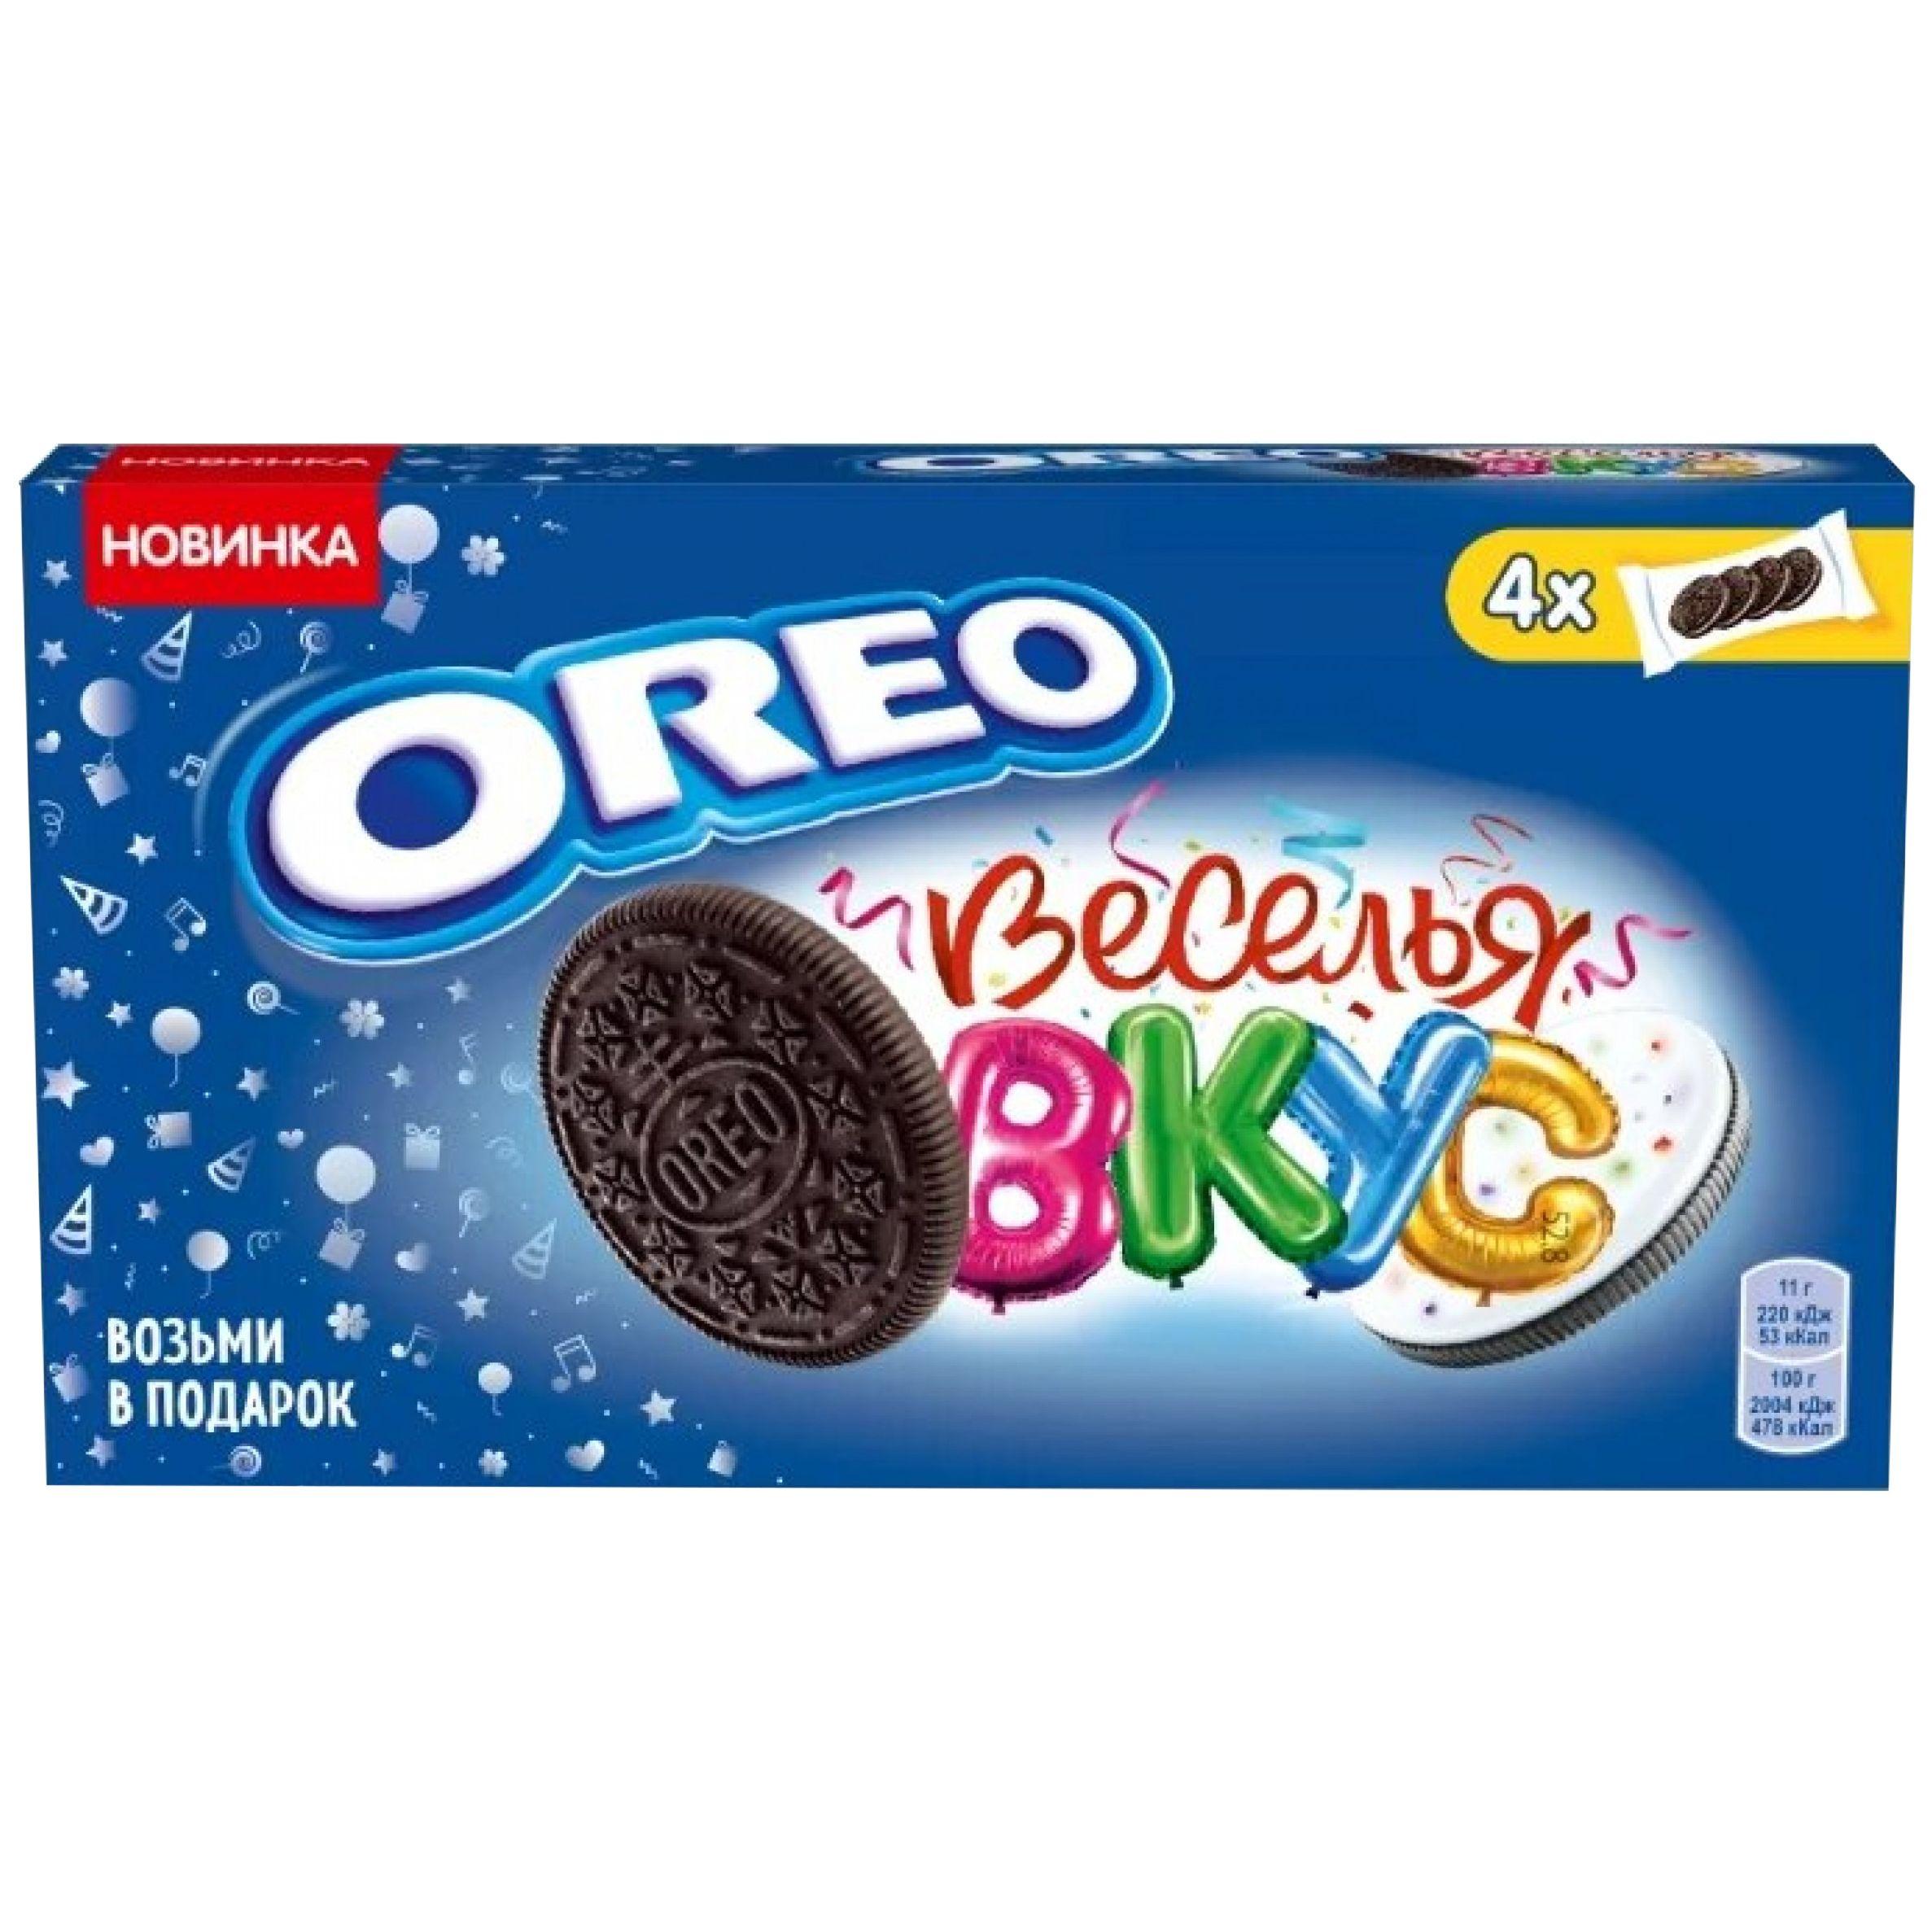 Печенье Веселья Вкус с какао начинкой со вкусом карамели и цветной кондитерской посыпкой 176г OREO